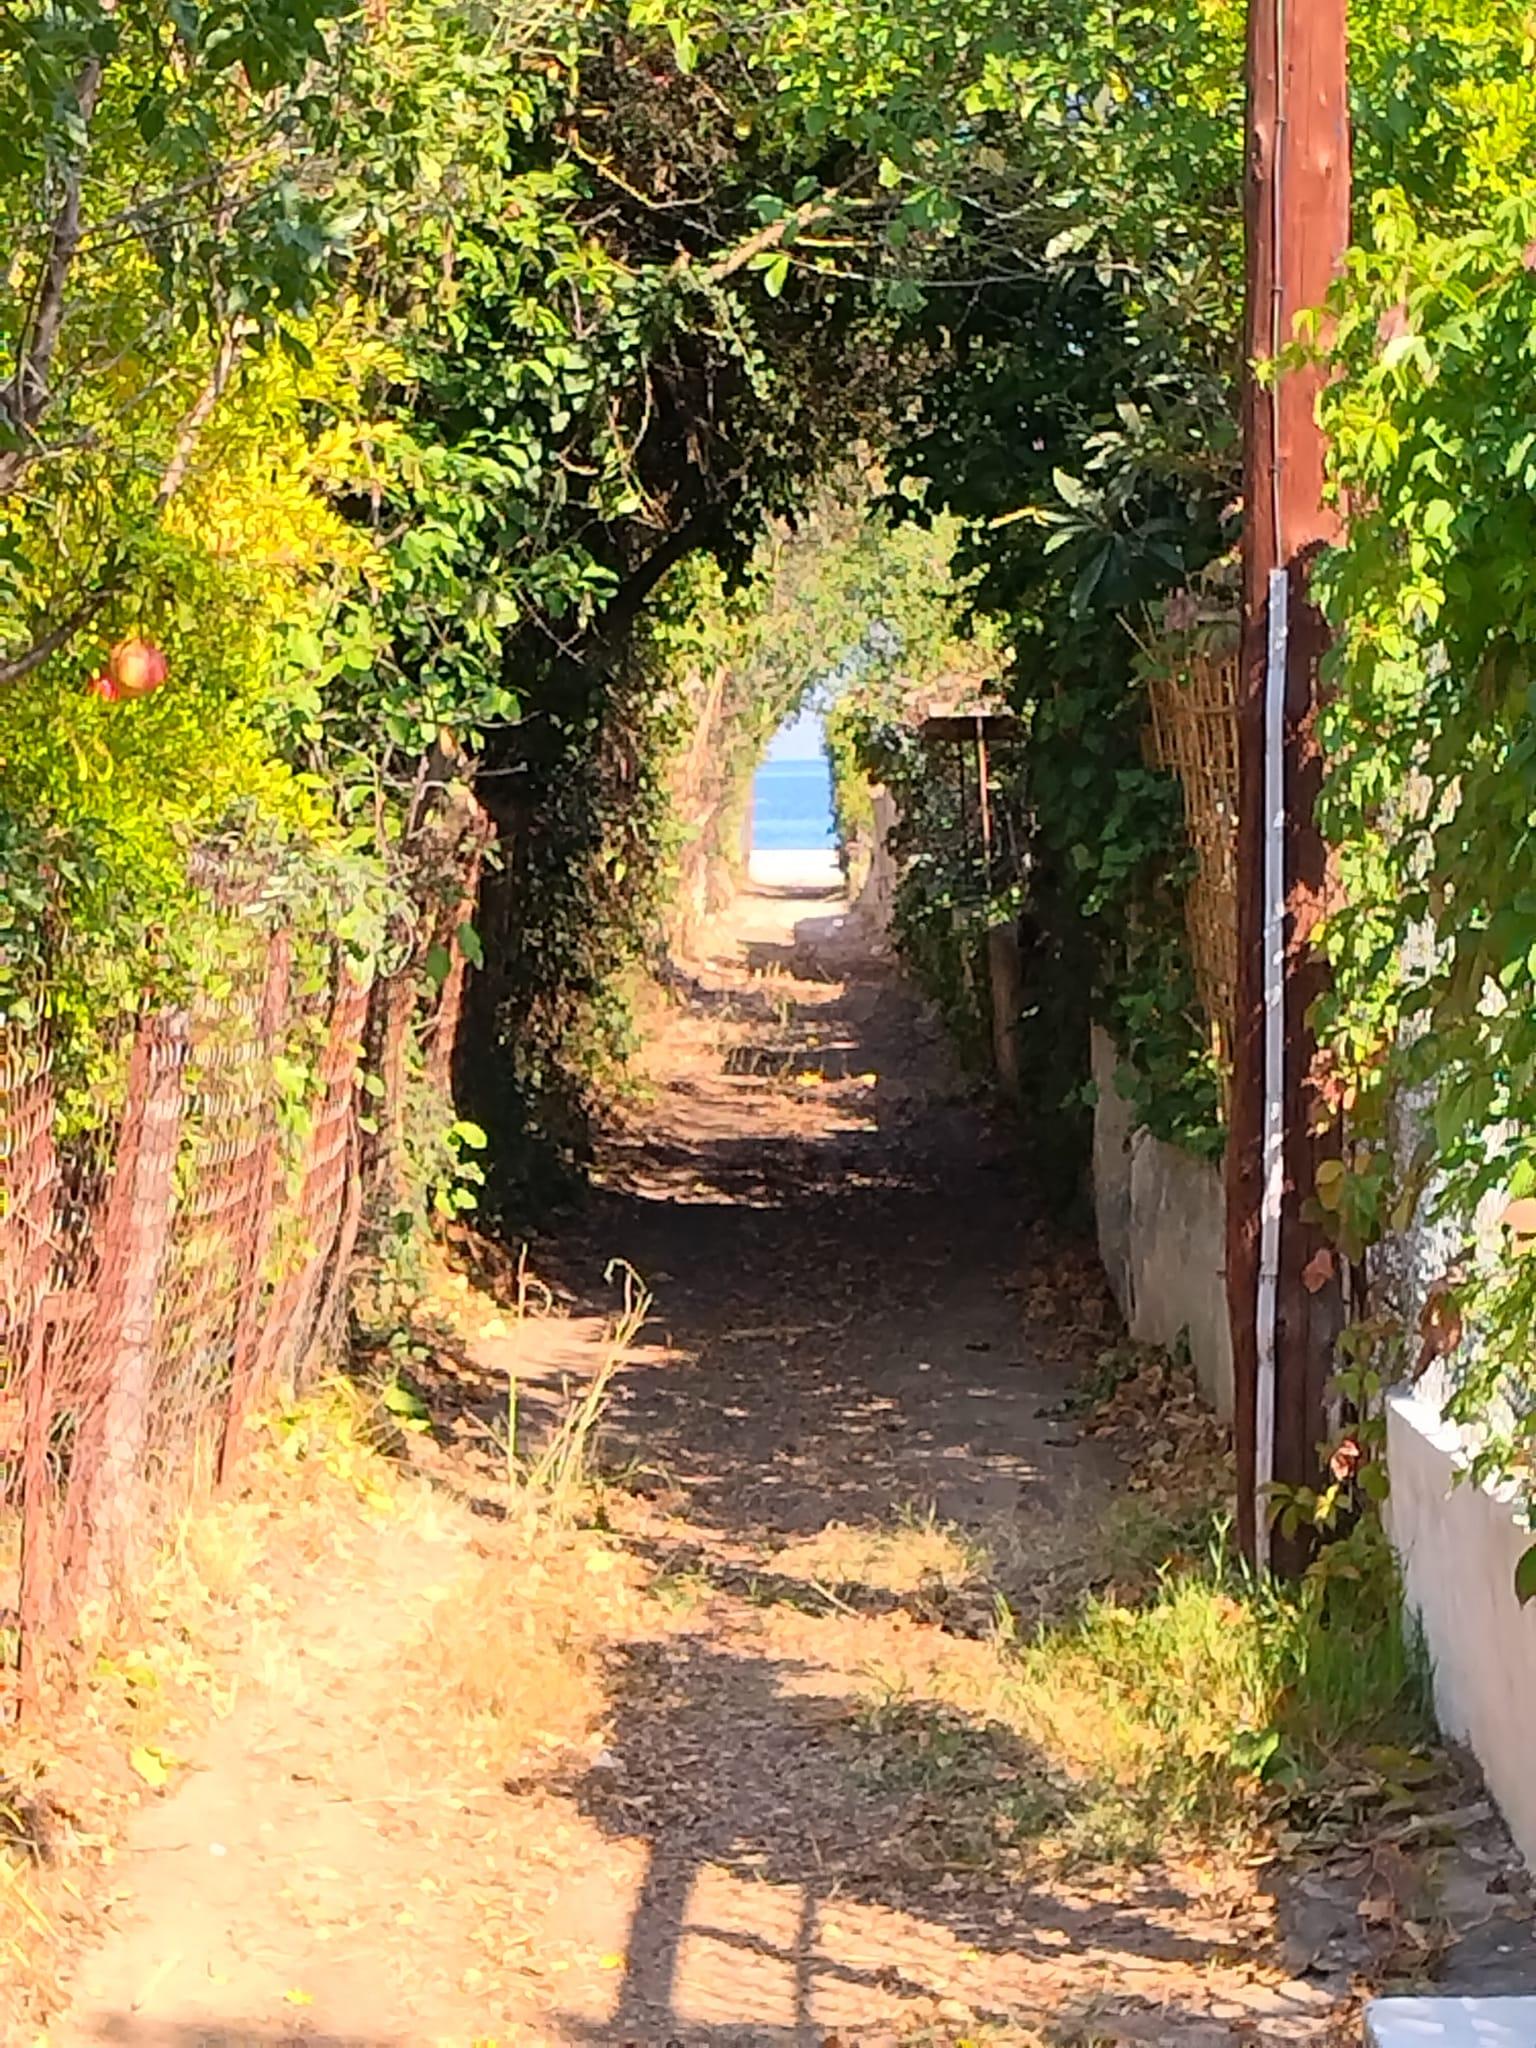 Οδός Ανθέων-Βίλα Μπιάνκα: Αποκαταστάθηκε η δίοδος προς τη θάλασσα